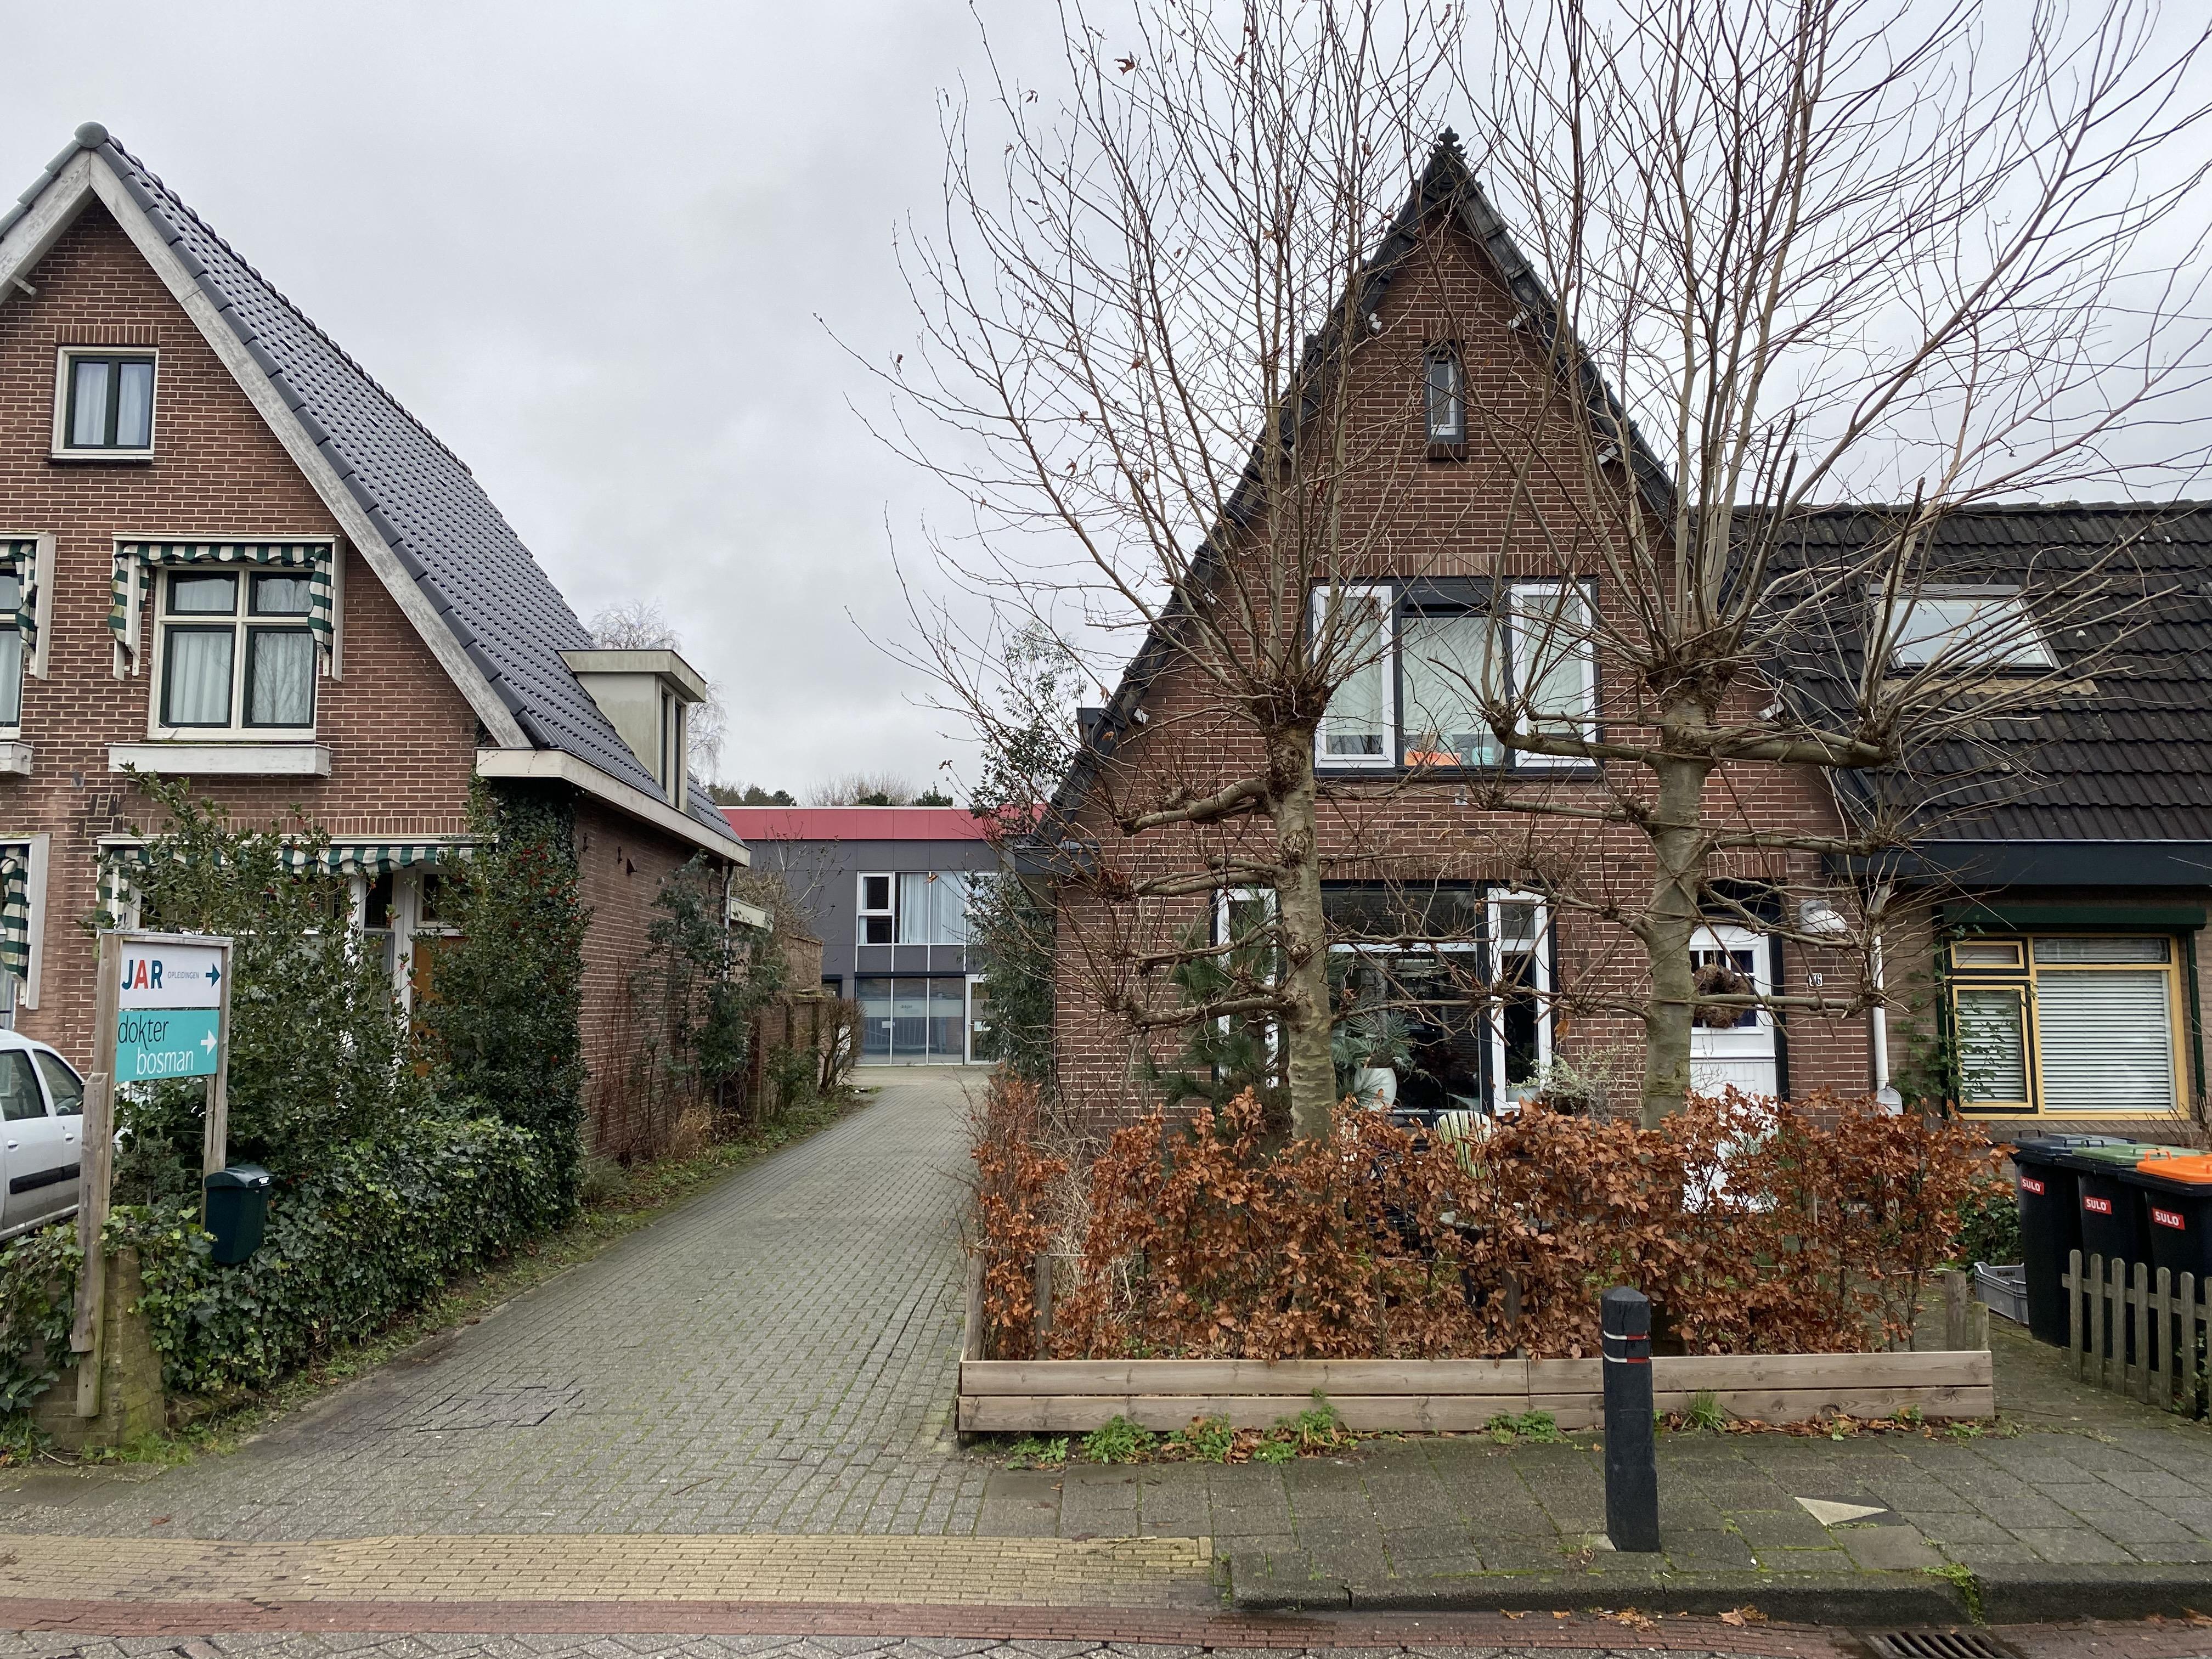 Buurtbewoonster is af en aan rijdend bezoek 'Dokter Bosman'-praktijk in Castricum spuugzat: rechtszaak rond geestelijke gezondheidszorgopvang